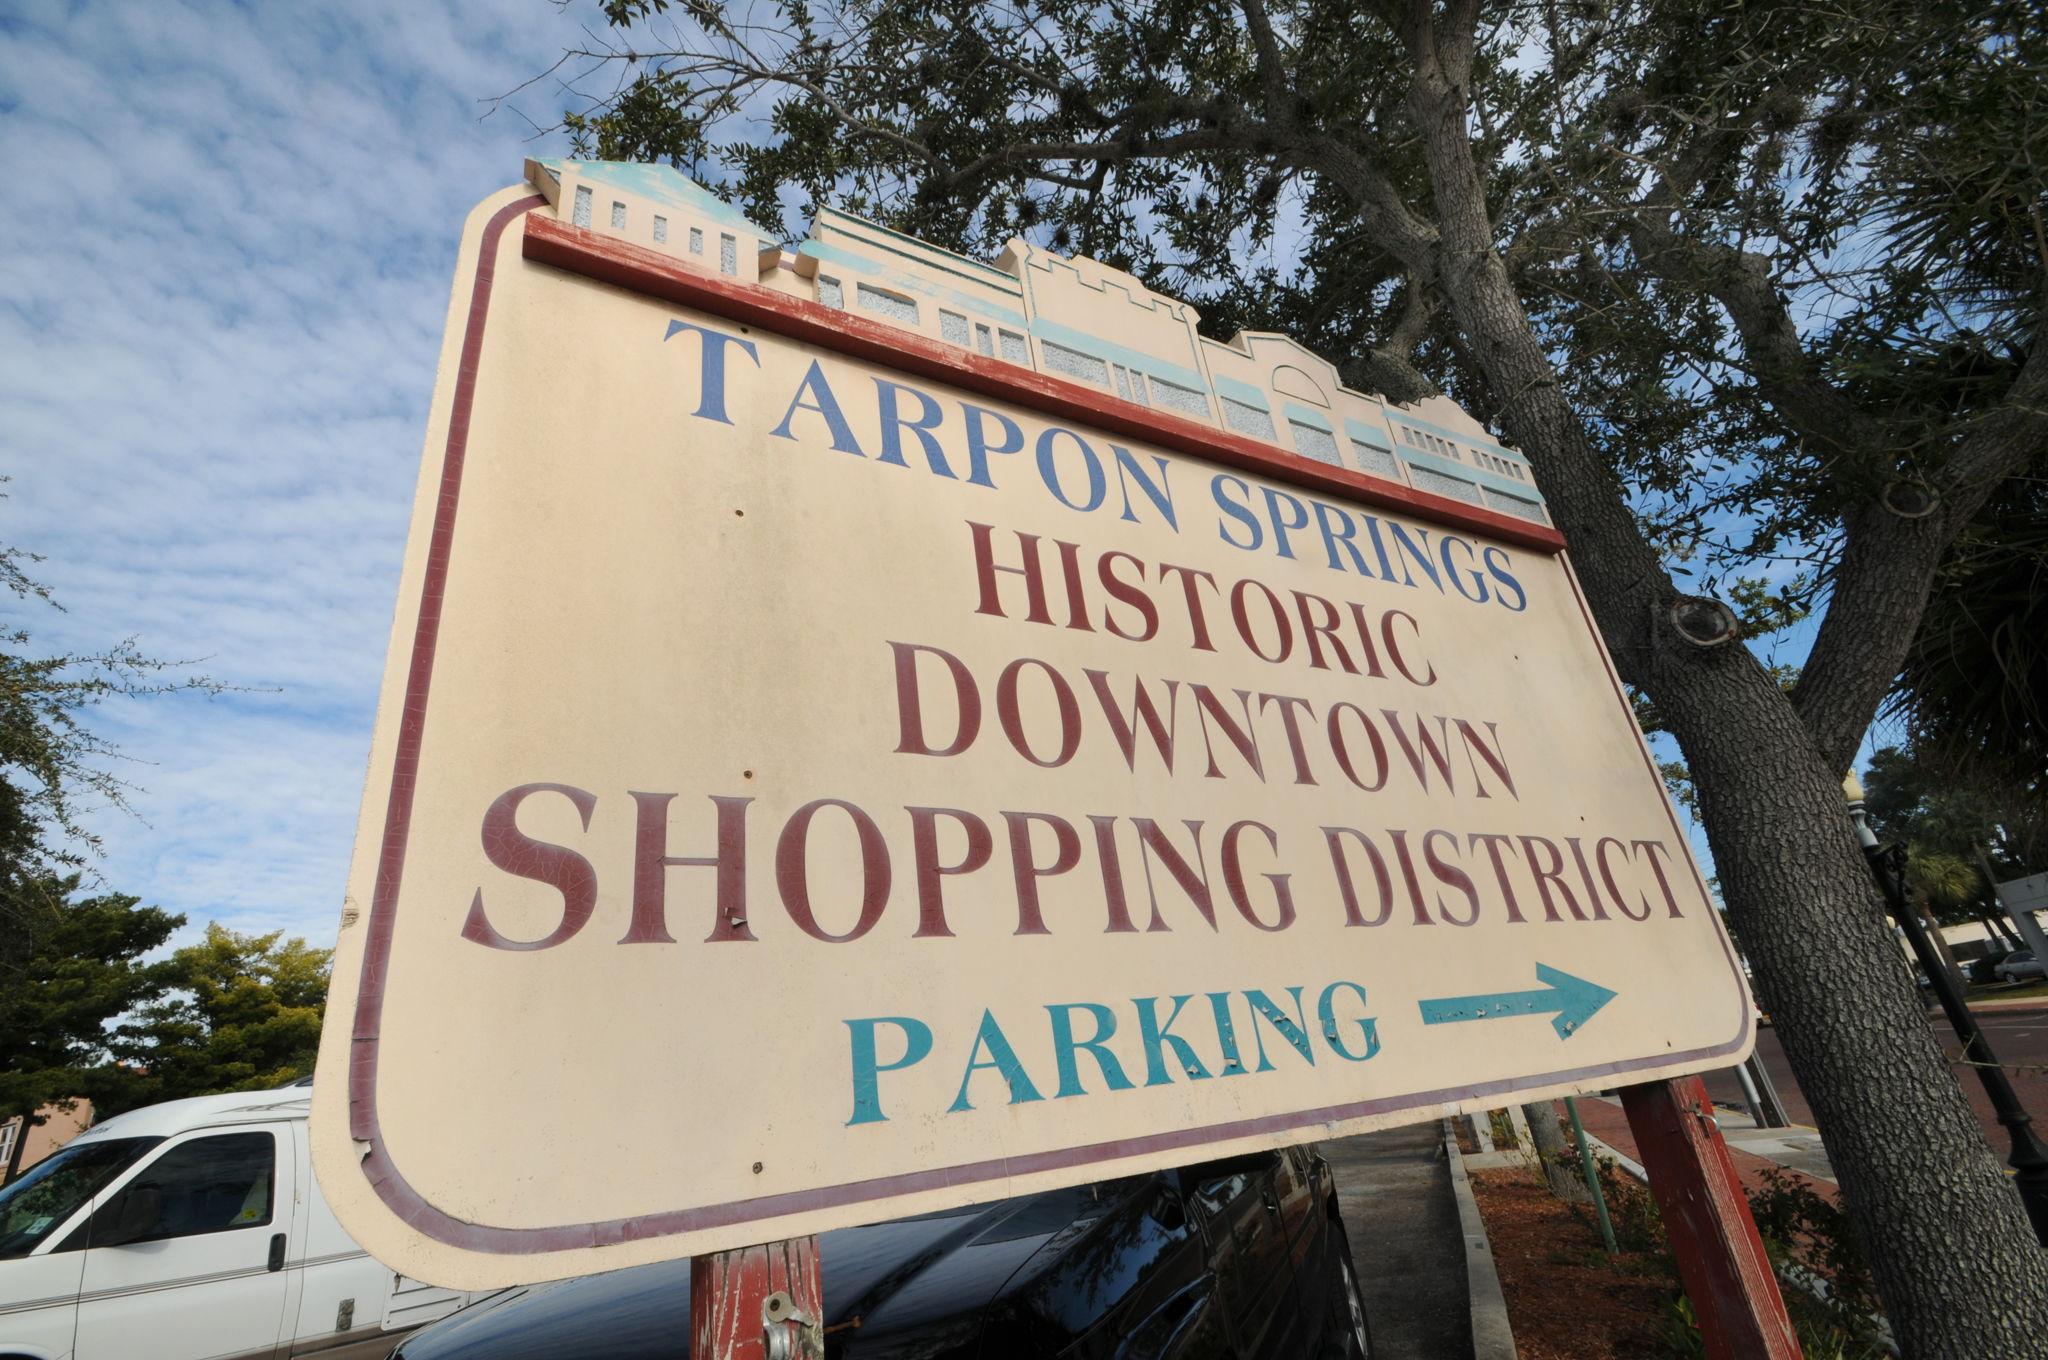 Downtown Tarpon Springs5